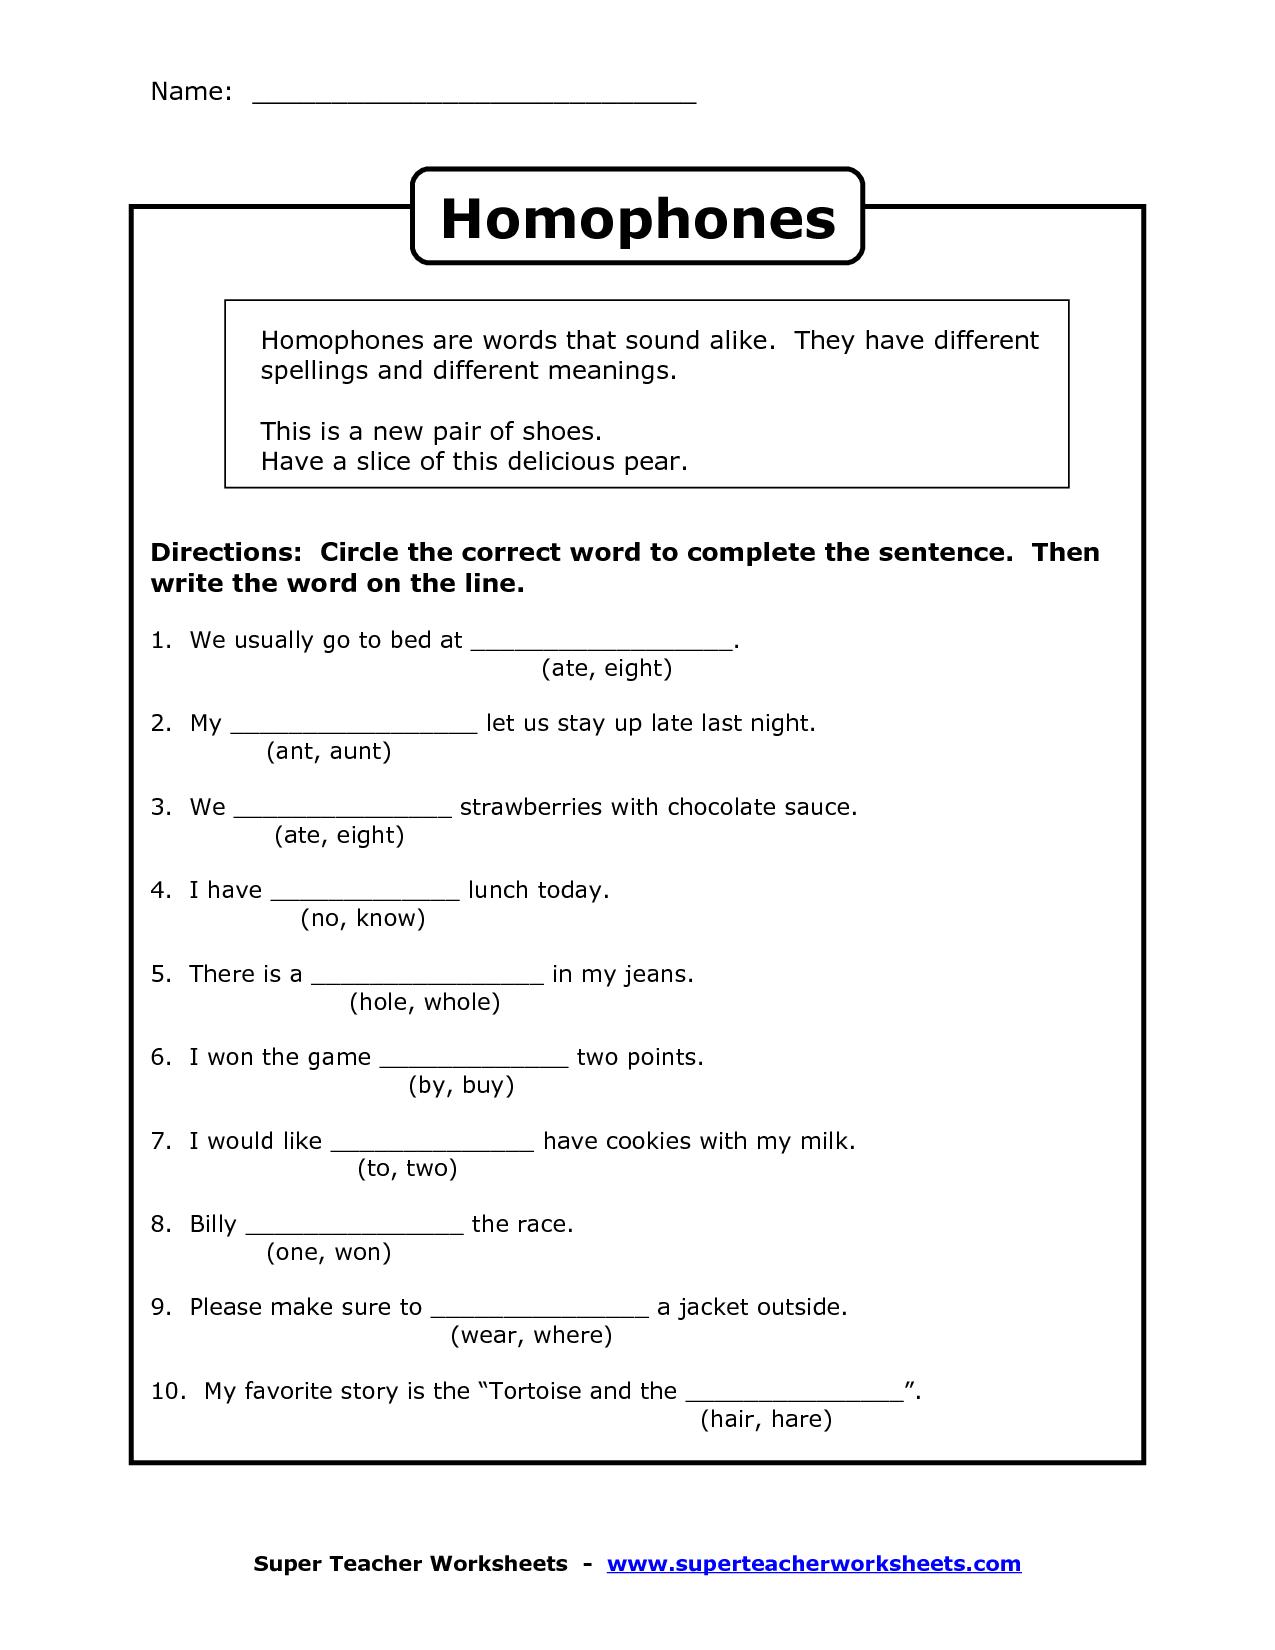 Homophones Worksheet Homophone Worksheet